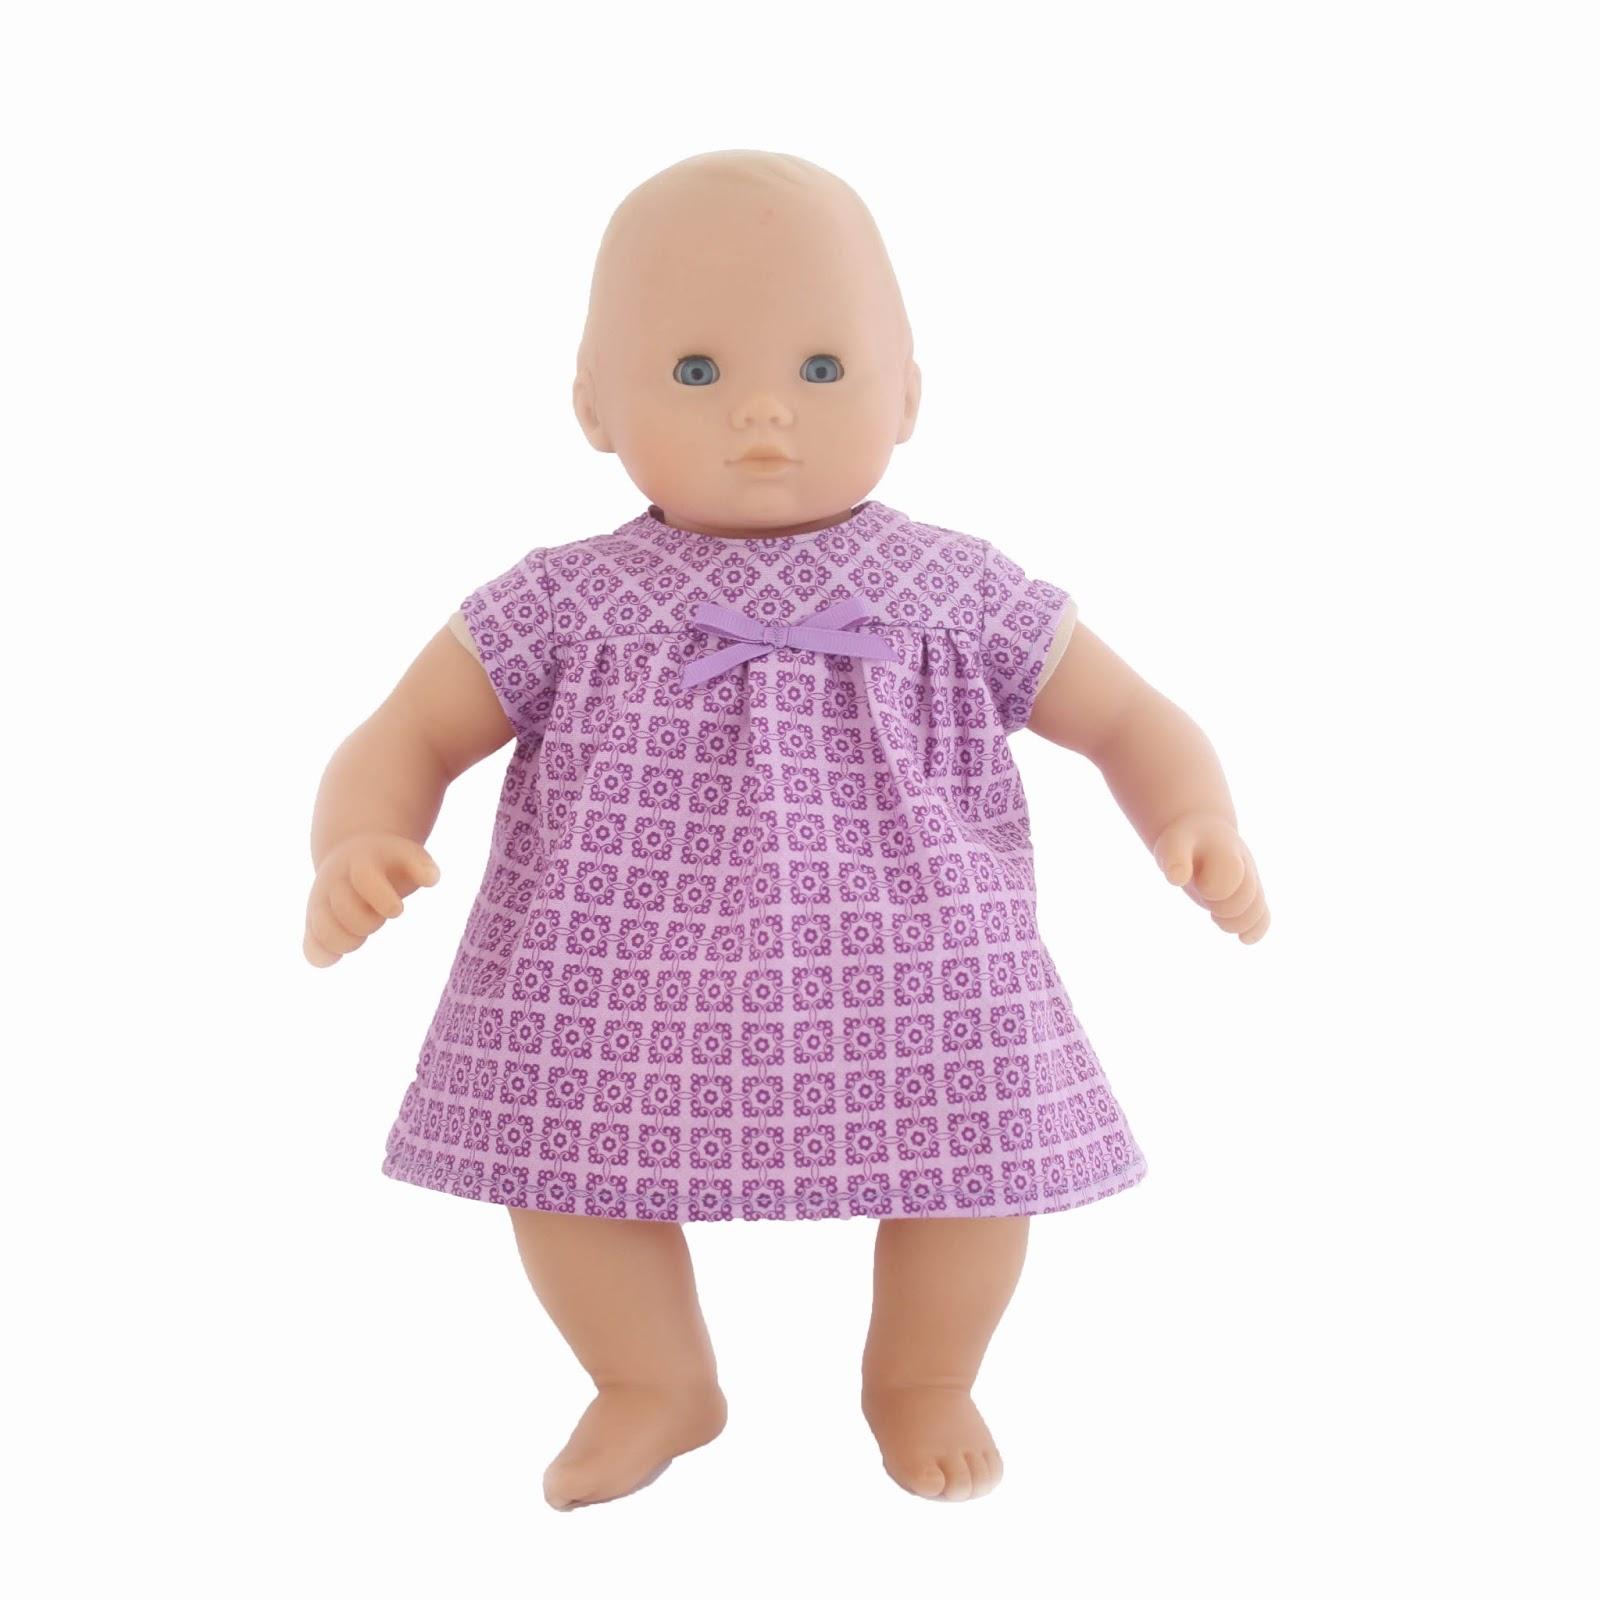 Little Abbee Ellie Doll Dress Sewing Pattern